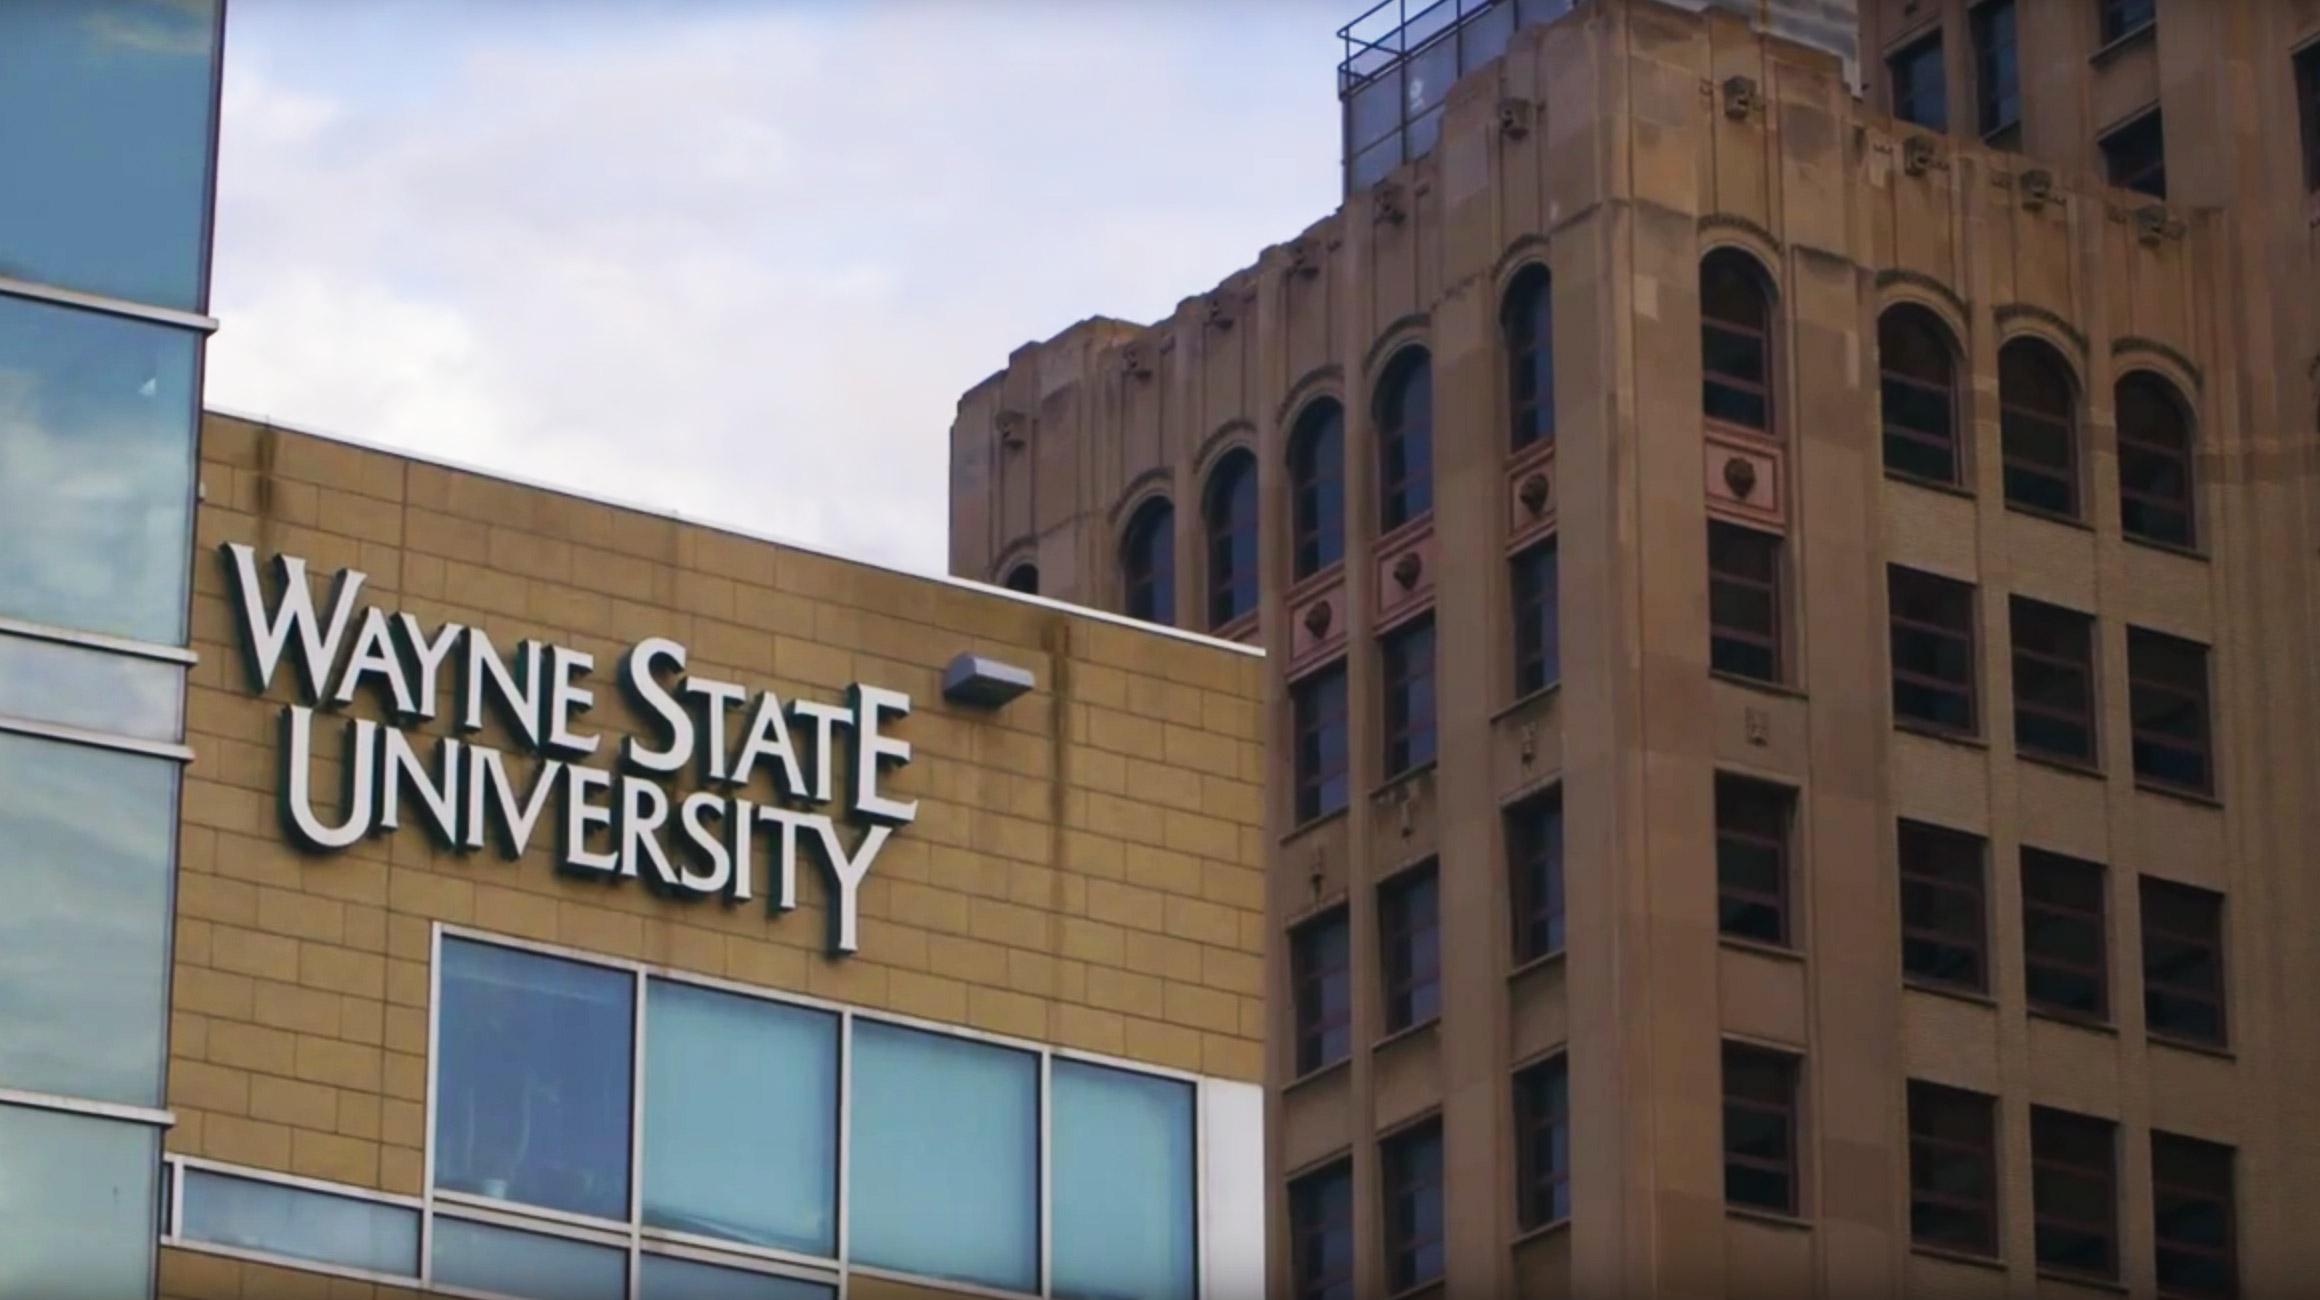 جامعة وين ستيت الامريكية واهم تخصصاتها وكيفية الالتحاق بها